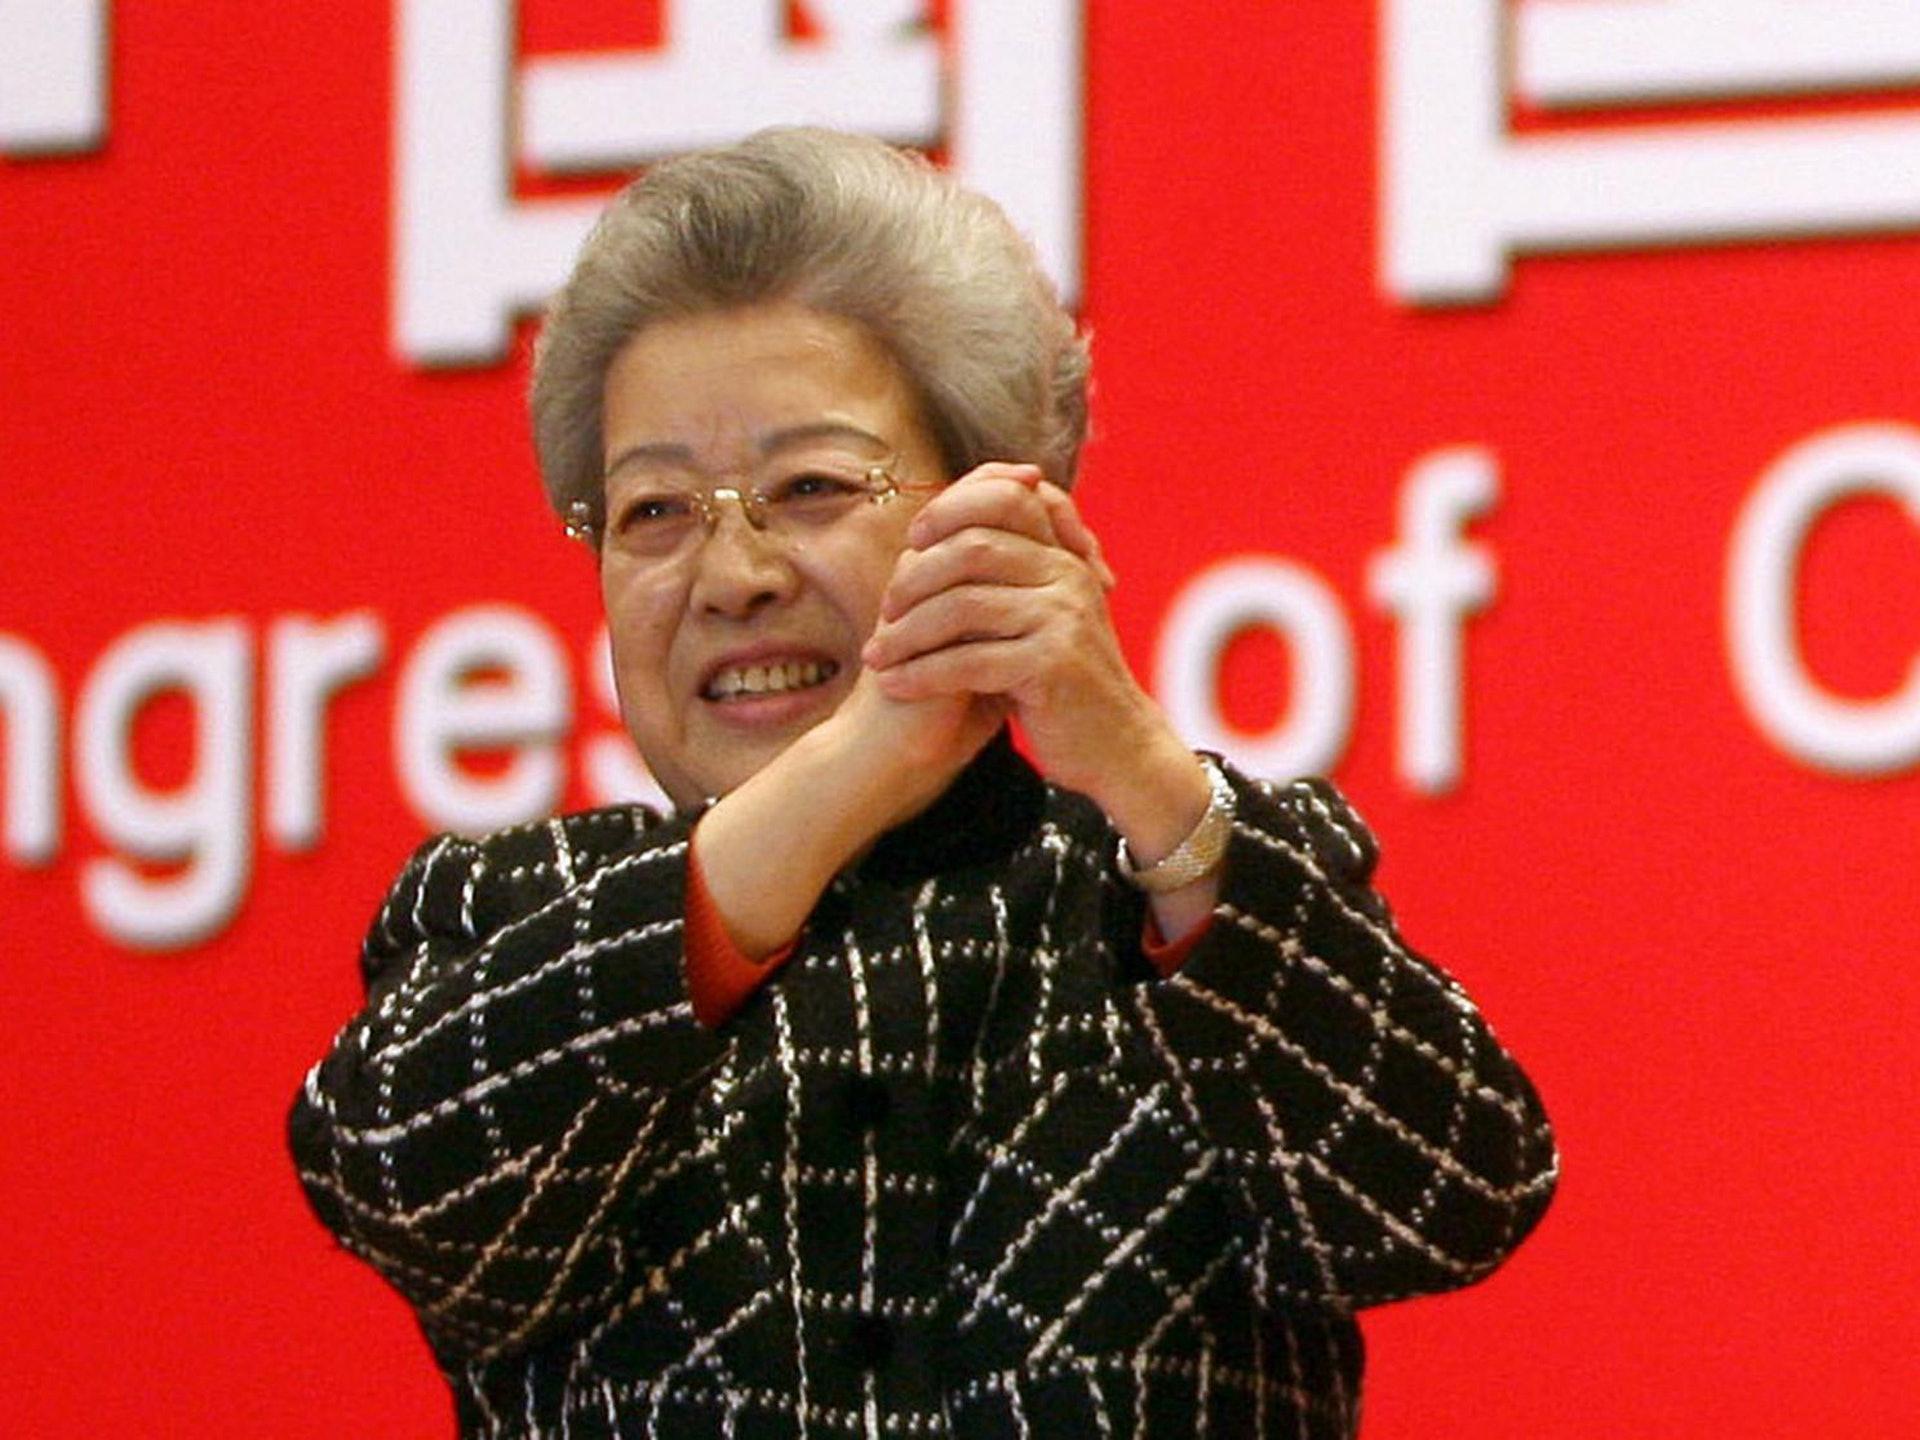 中国非典疫情爆发后,吴仪以副总理身份兼任卫生部长。图为2007年12月,吴仪在北京出席一次会议时表示,次年将完全退休。(VCG)